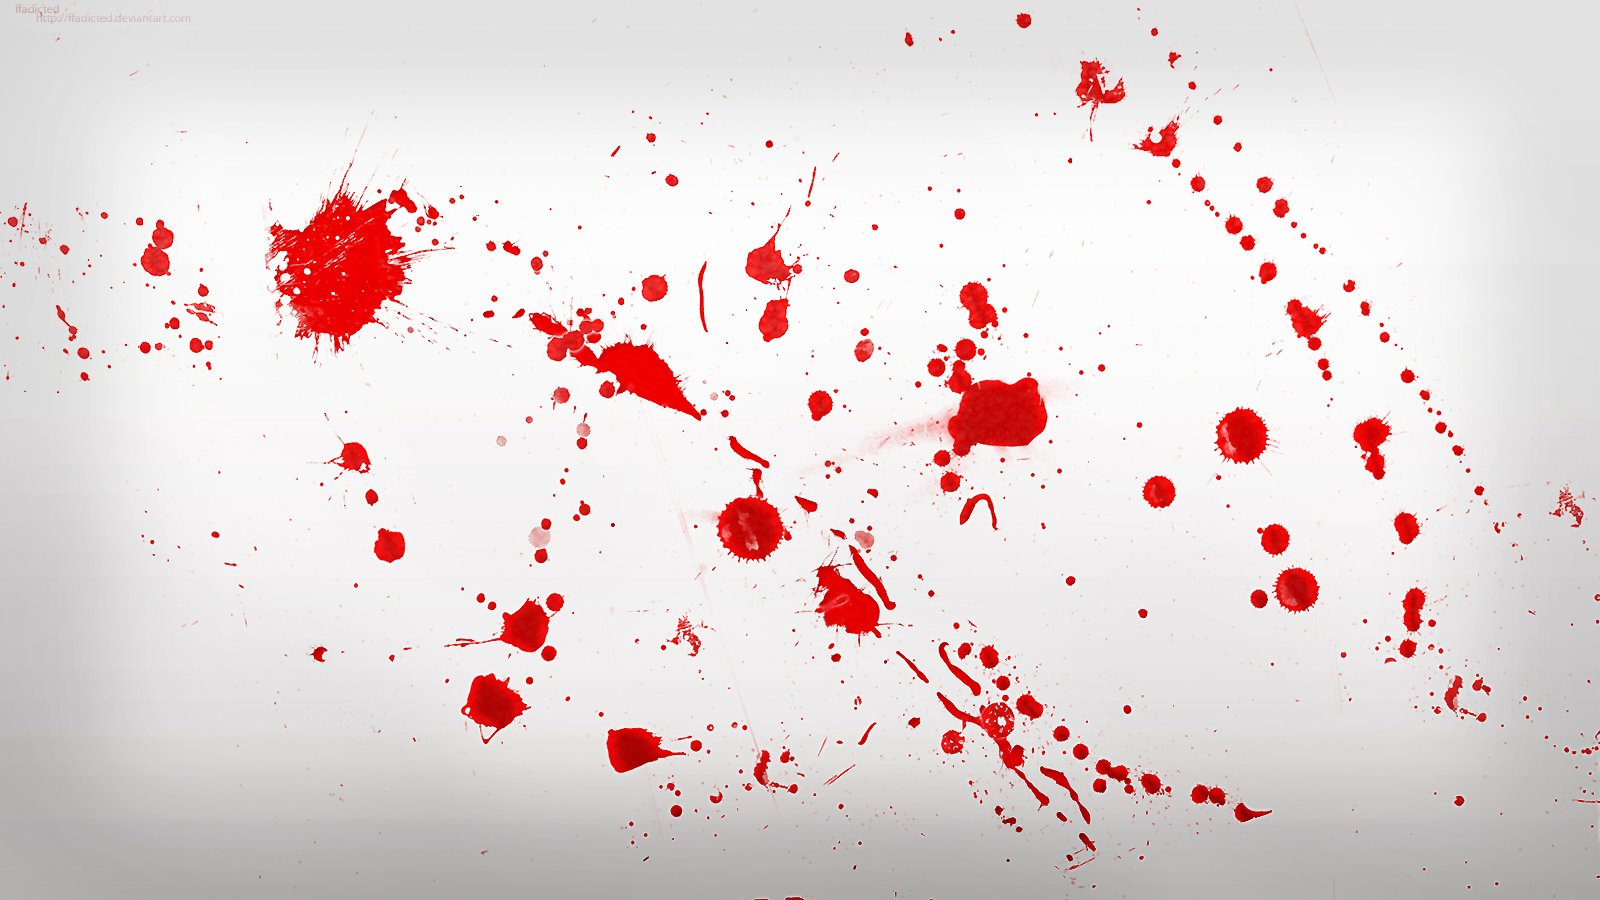 Dexter Wallpaper Blood Splatter - WallpaperSafari